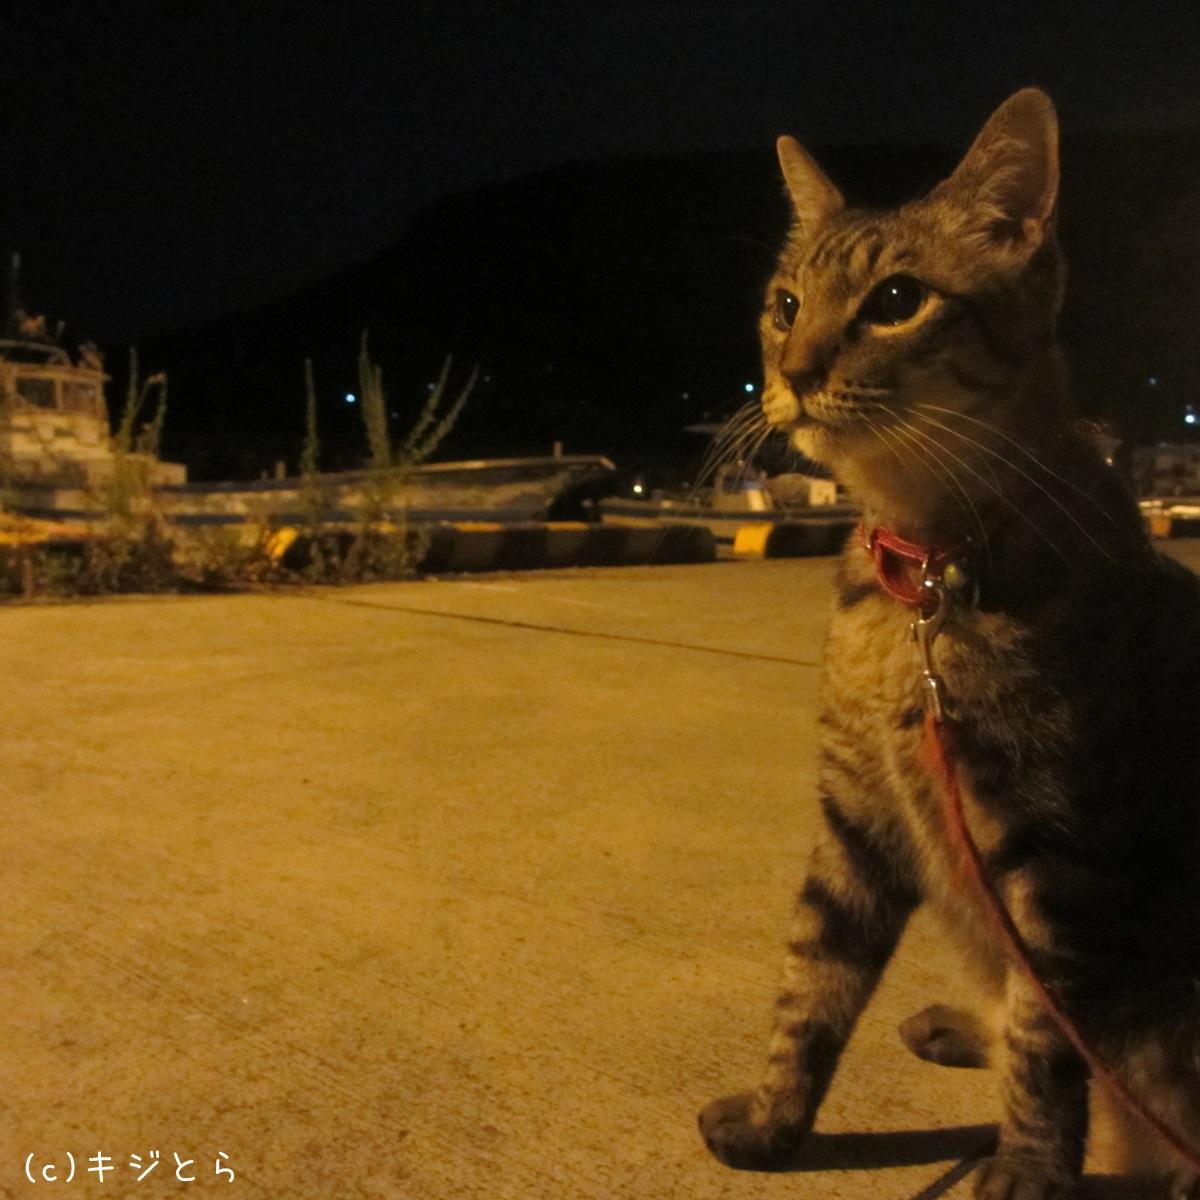 夜の港でみつめる猫